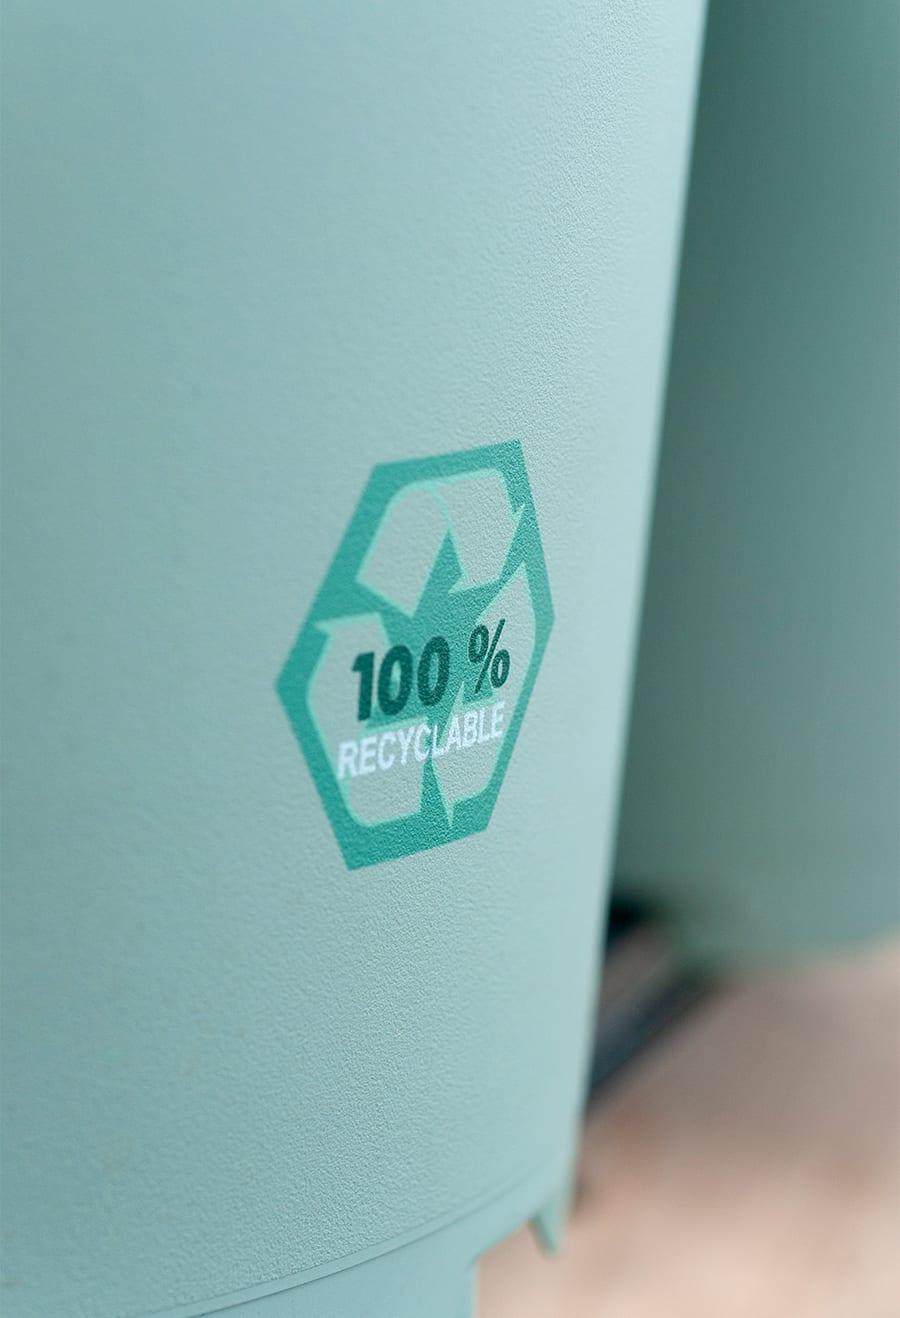 Van Woudenberg Tuinplanten - 100% recyclable